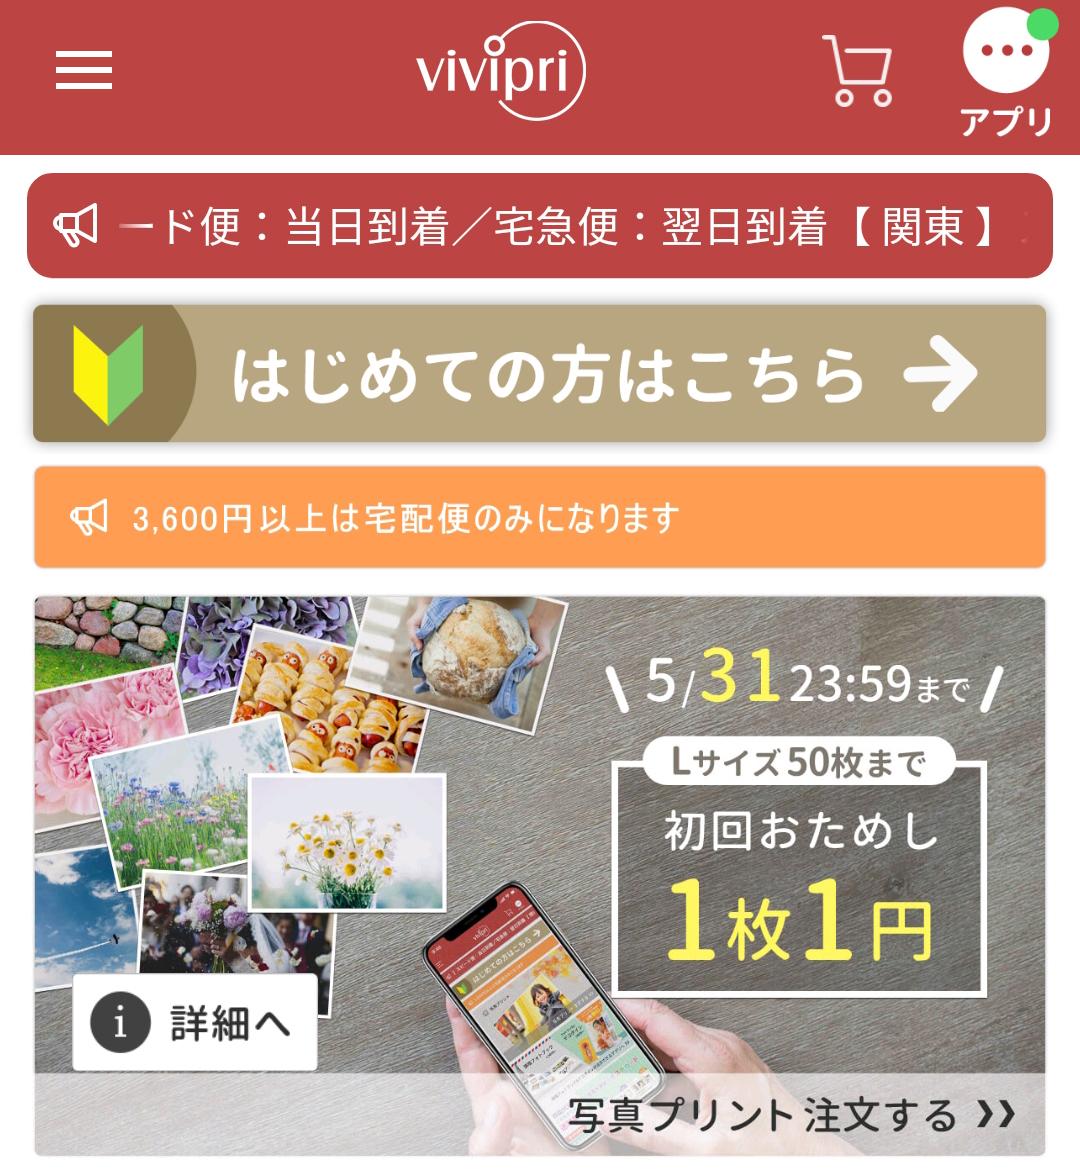 vivipriはインストール月限定で紹介体験を実施中